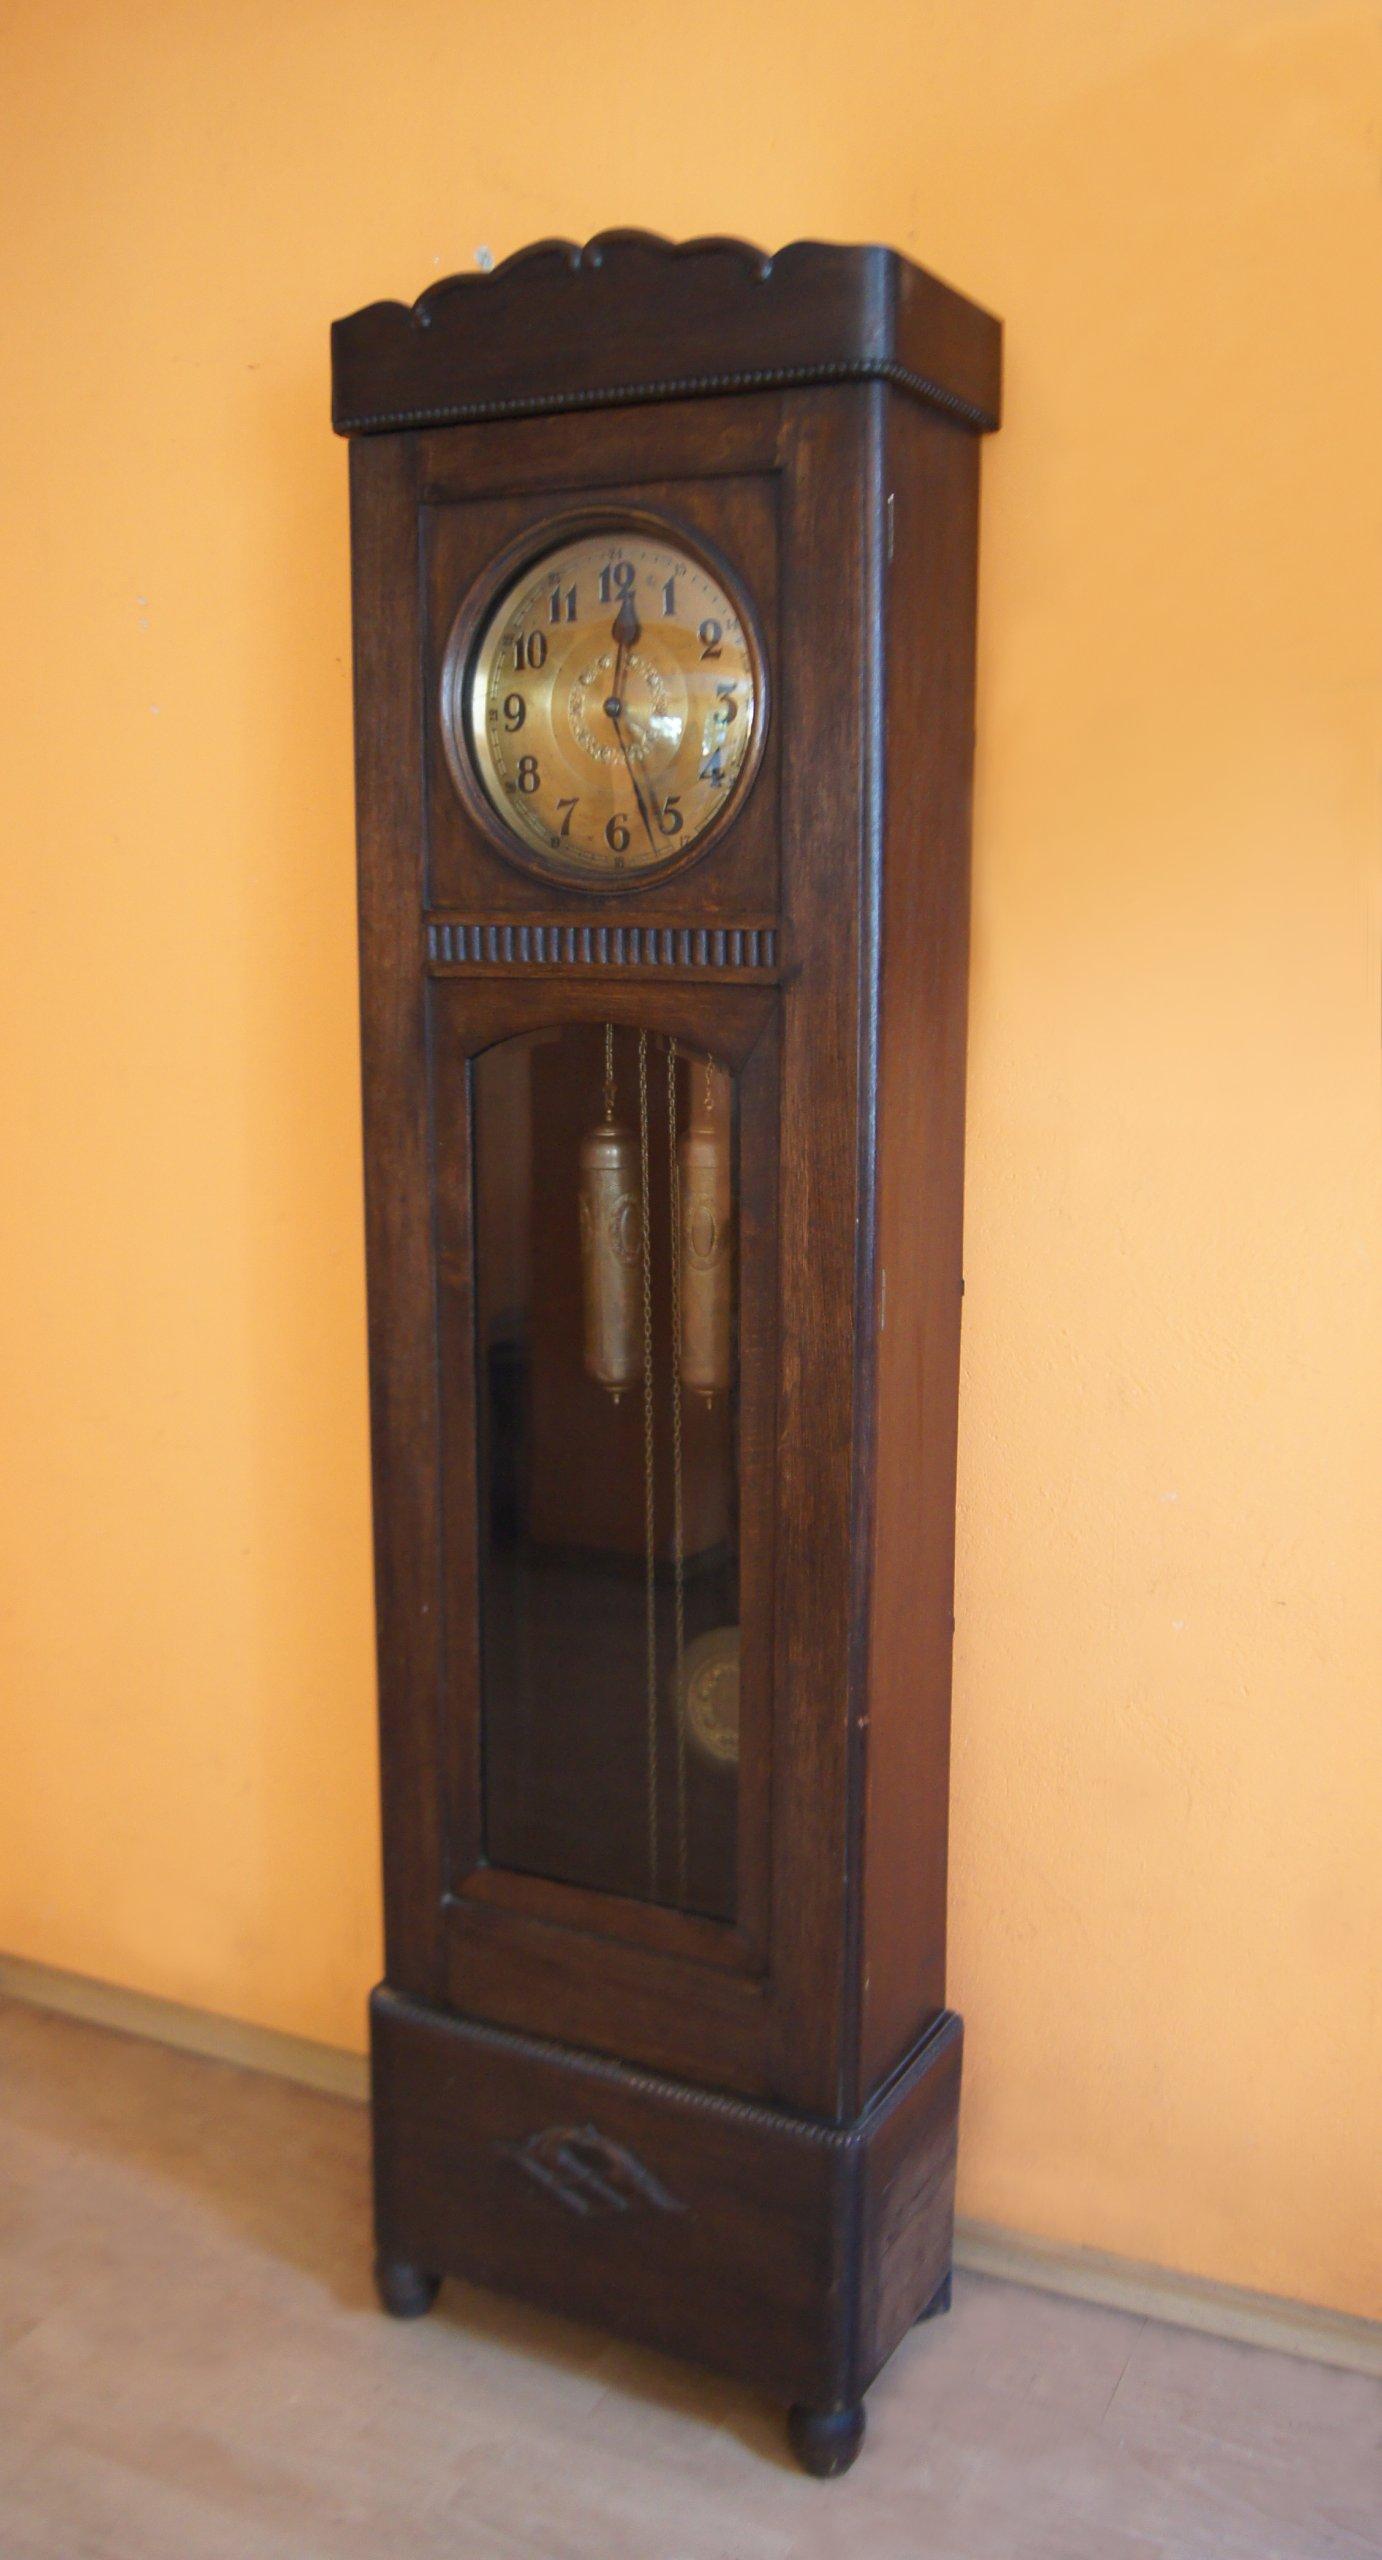 Zegar Stojący Przedwojenny Antyk 7340338679 Oficjalne